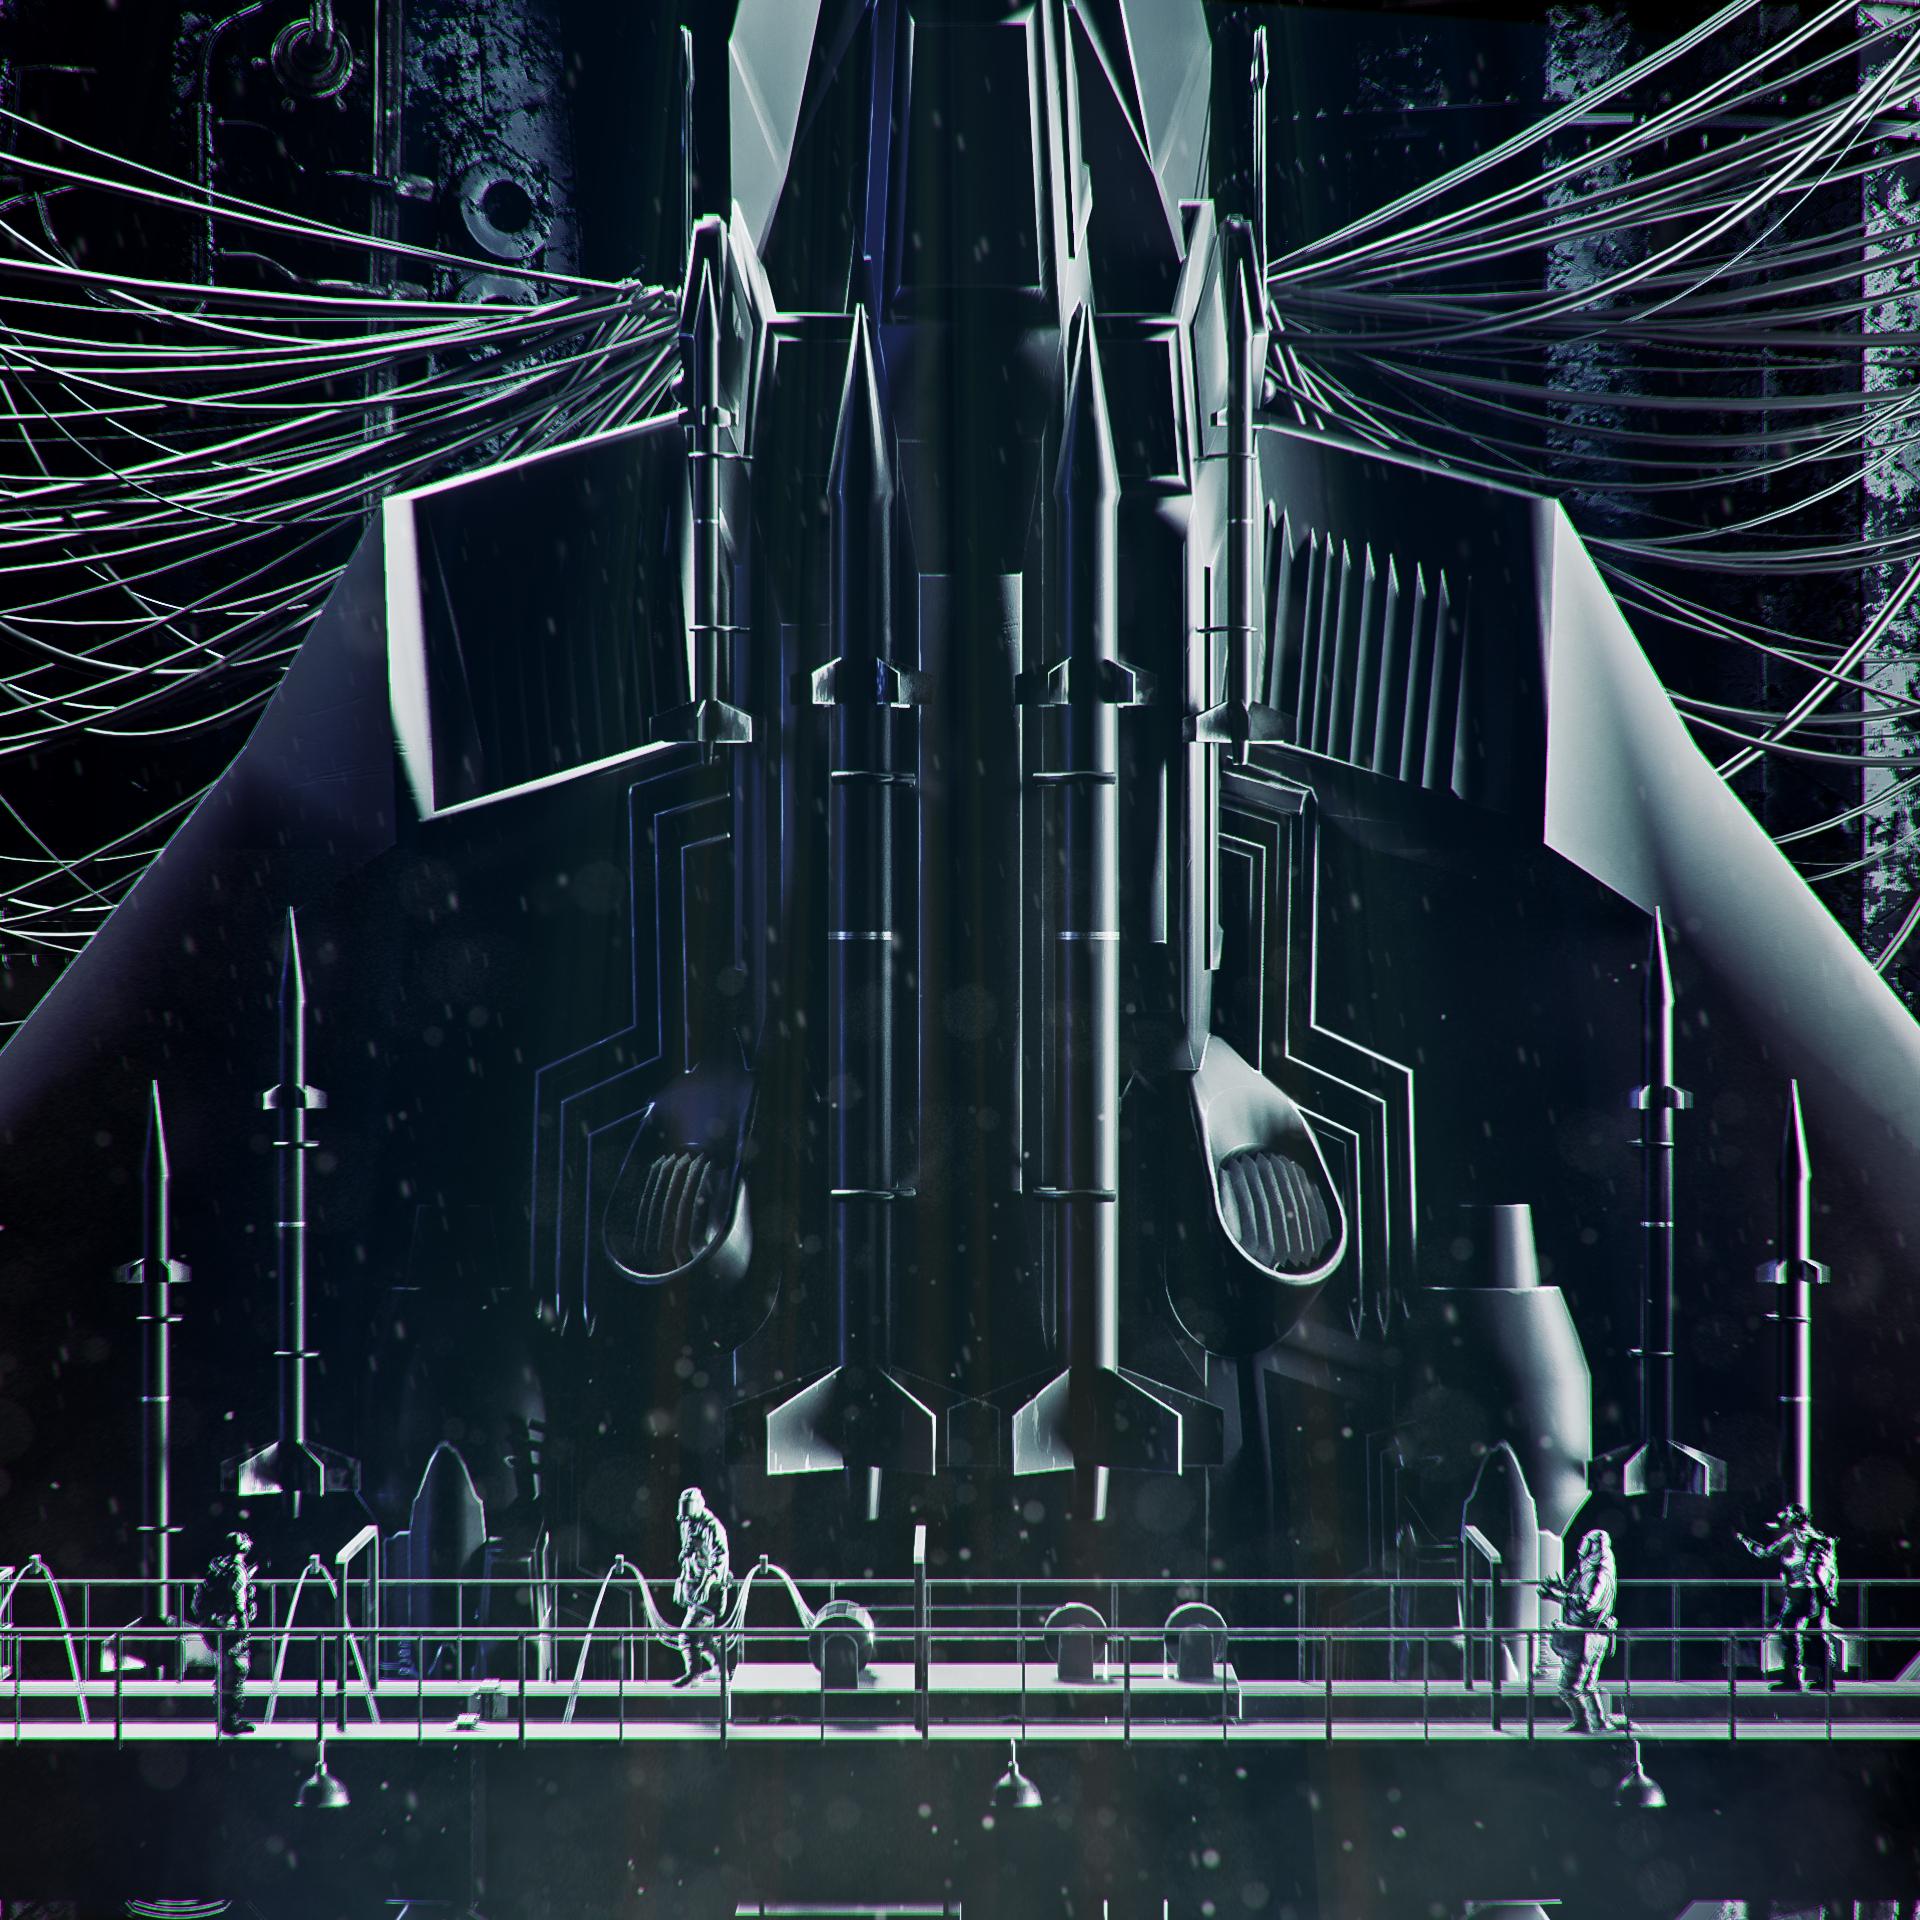 Space Hunter model by Hermino Nieves.